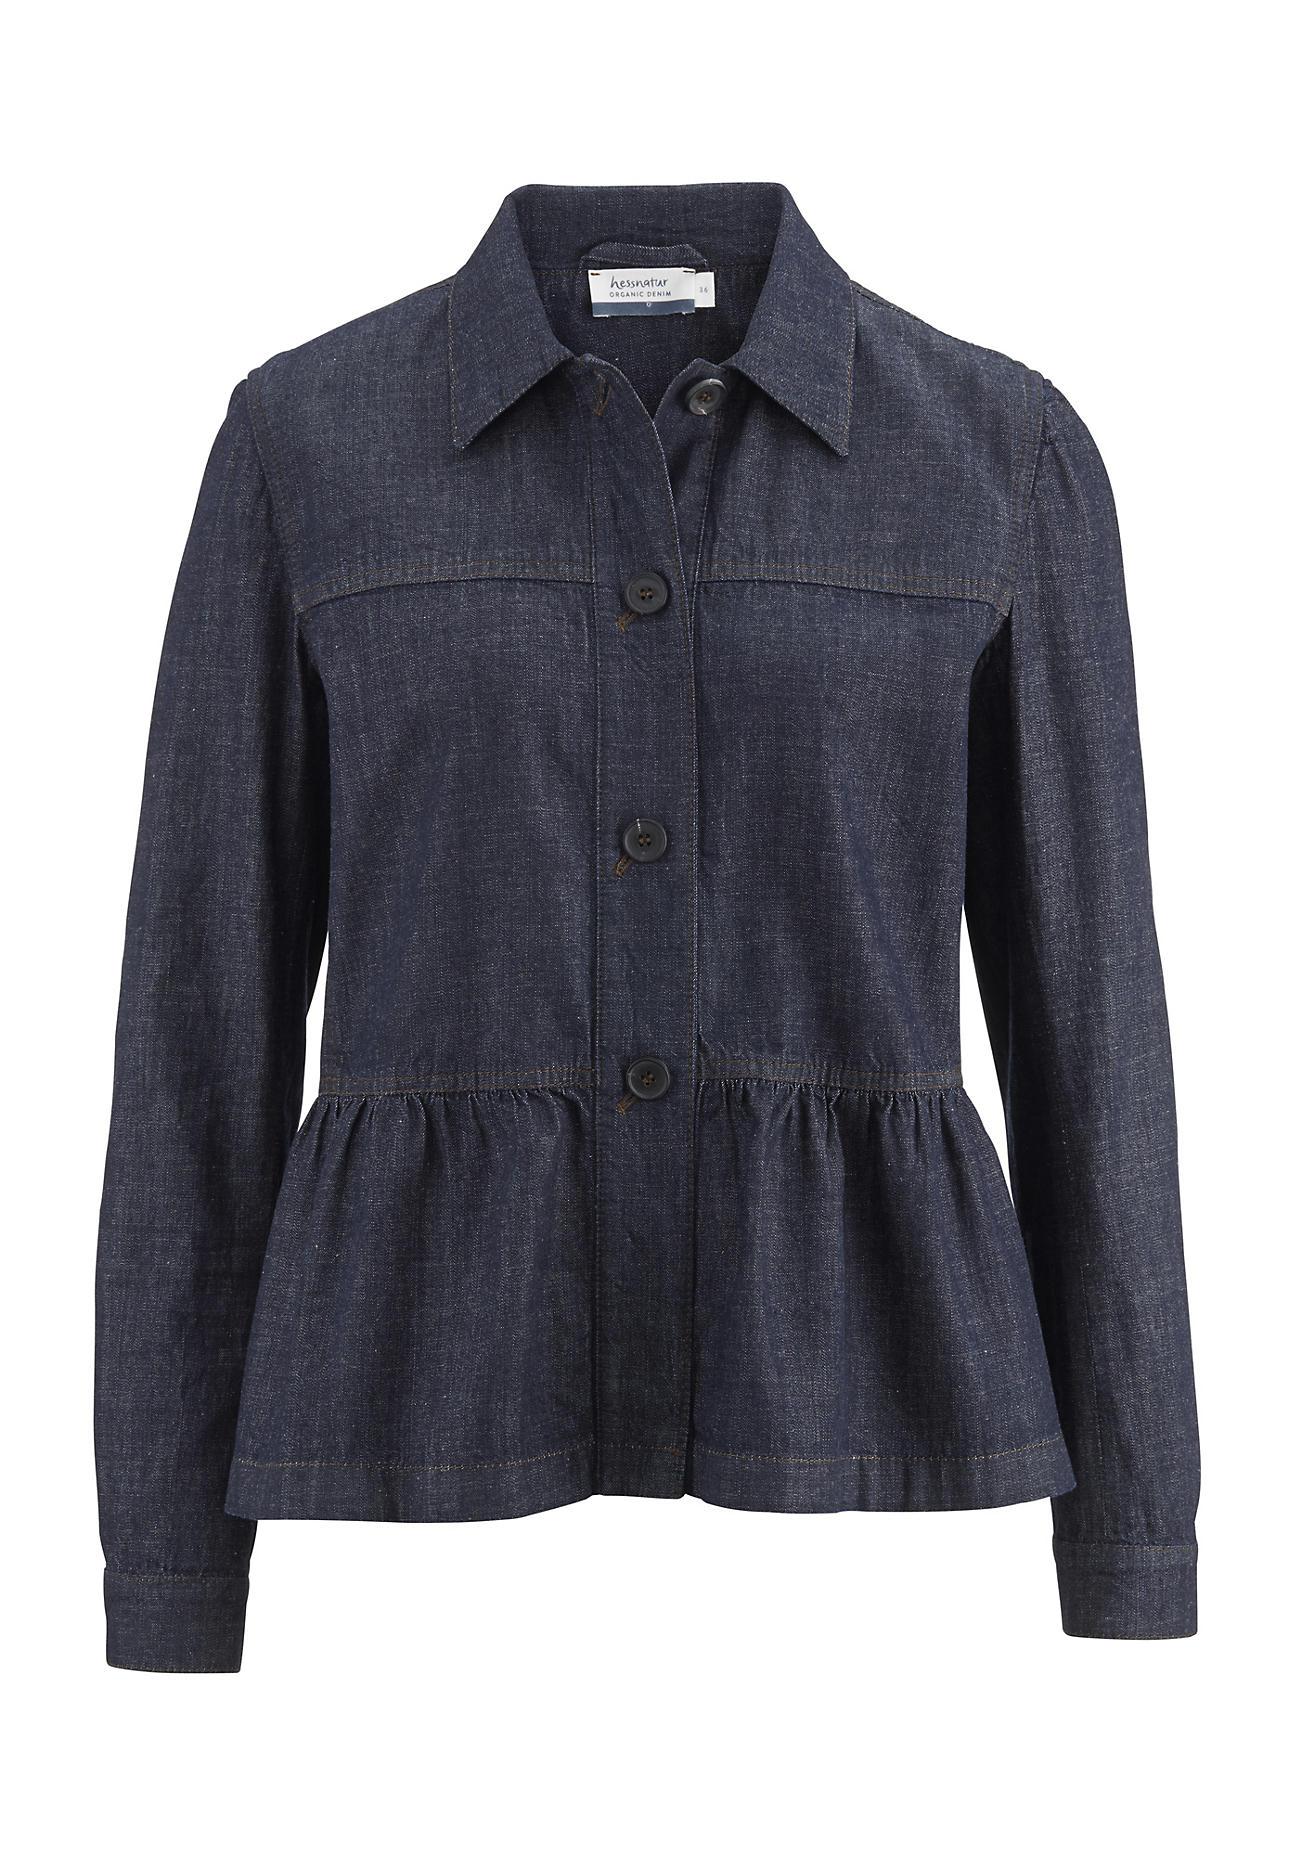 hessnatur Damen Jeansjacke aus Bio-Denim – blau – Größe 36